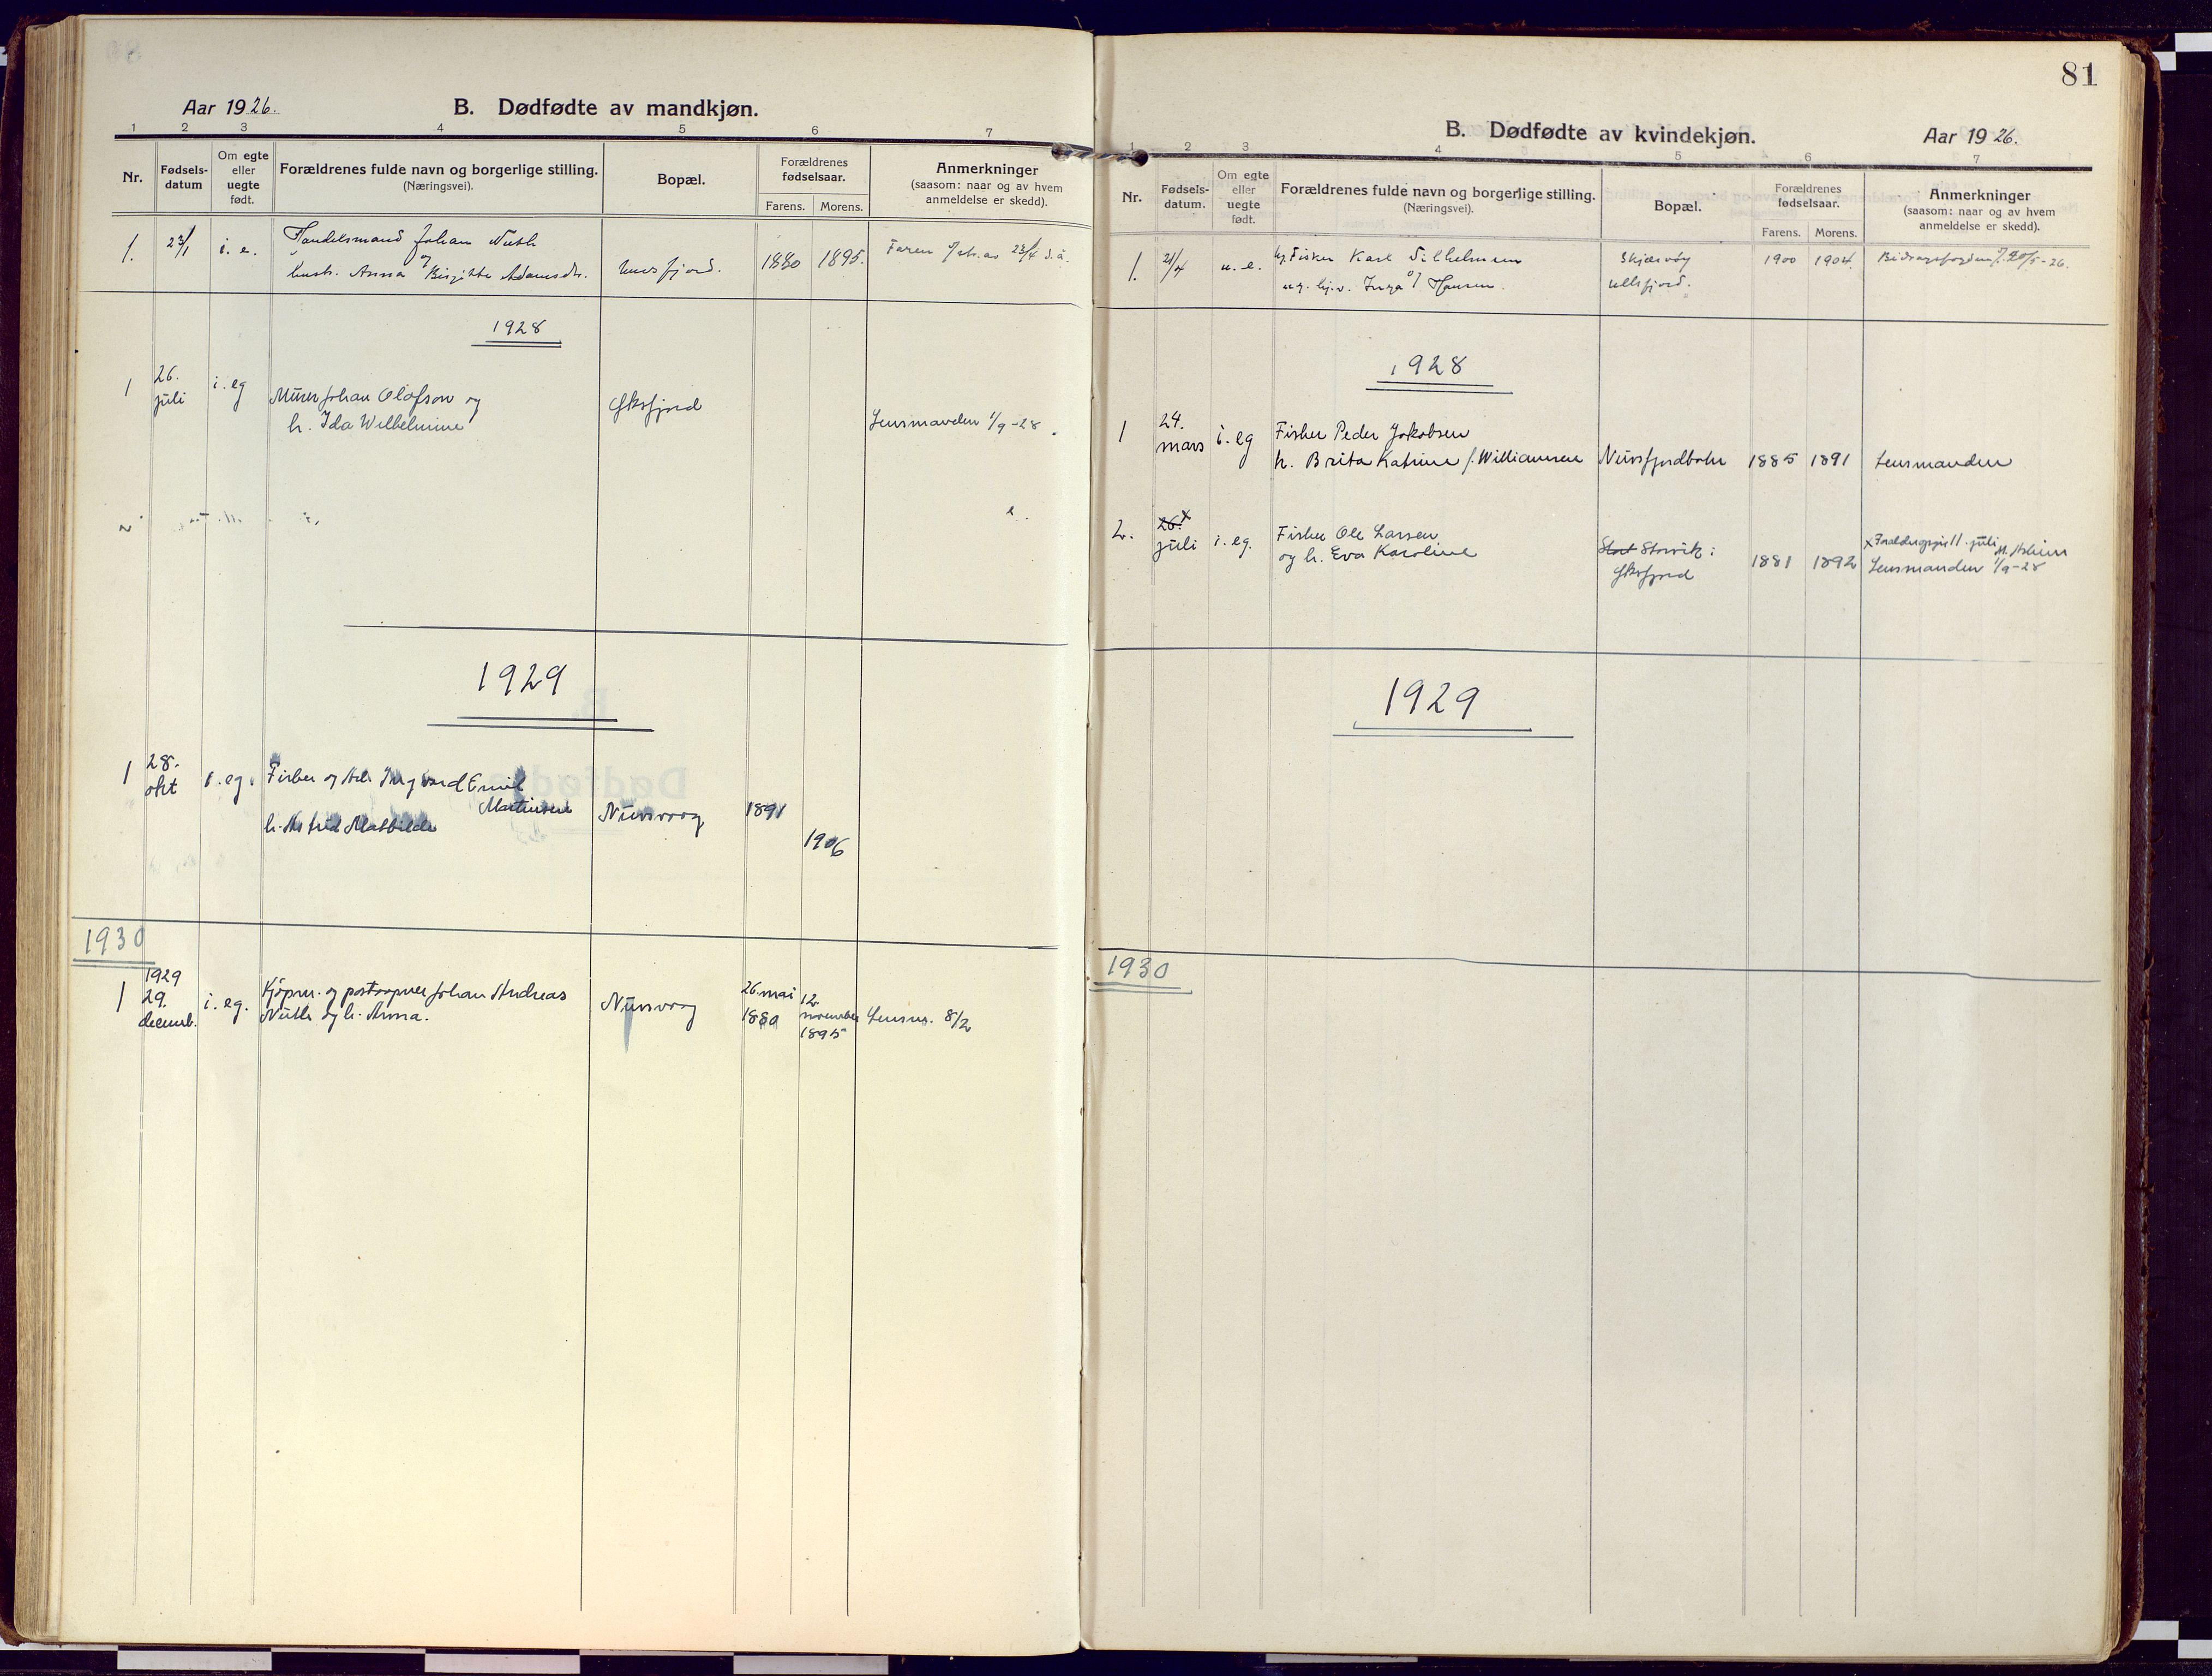 SATØ, Loppa sokneprestkontor, H/Ha/L0012kirke: Ministerialbok nr. 12, 1917-1932, s. 81